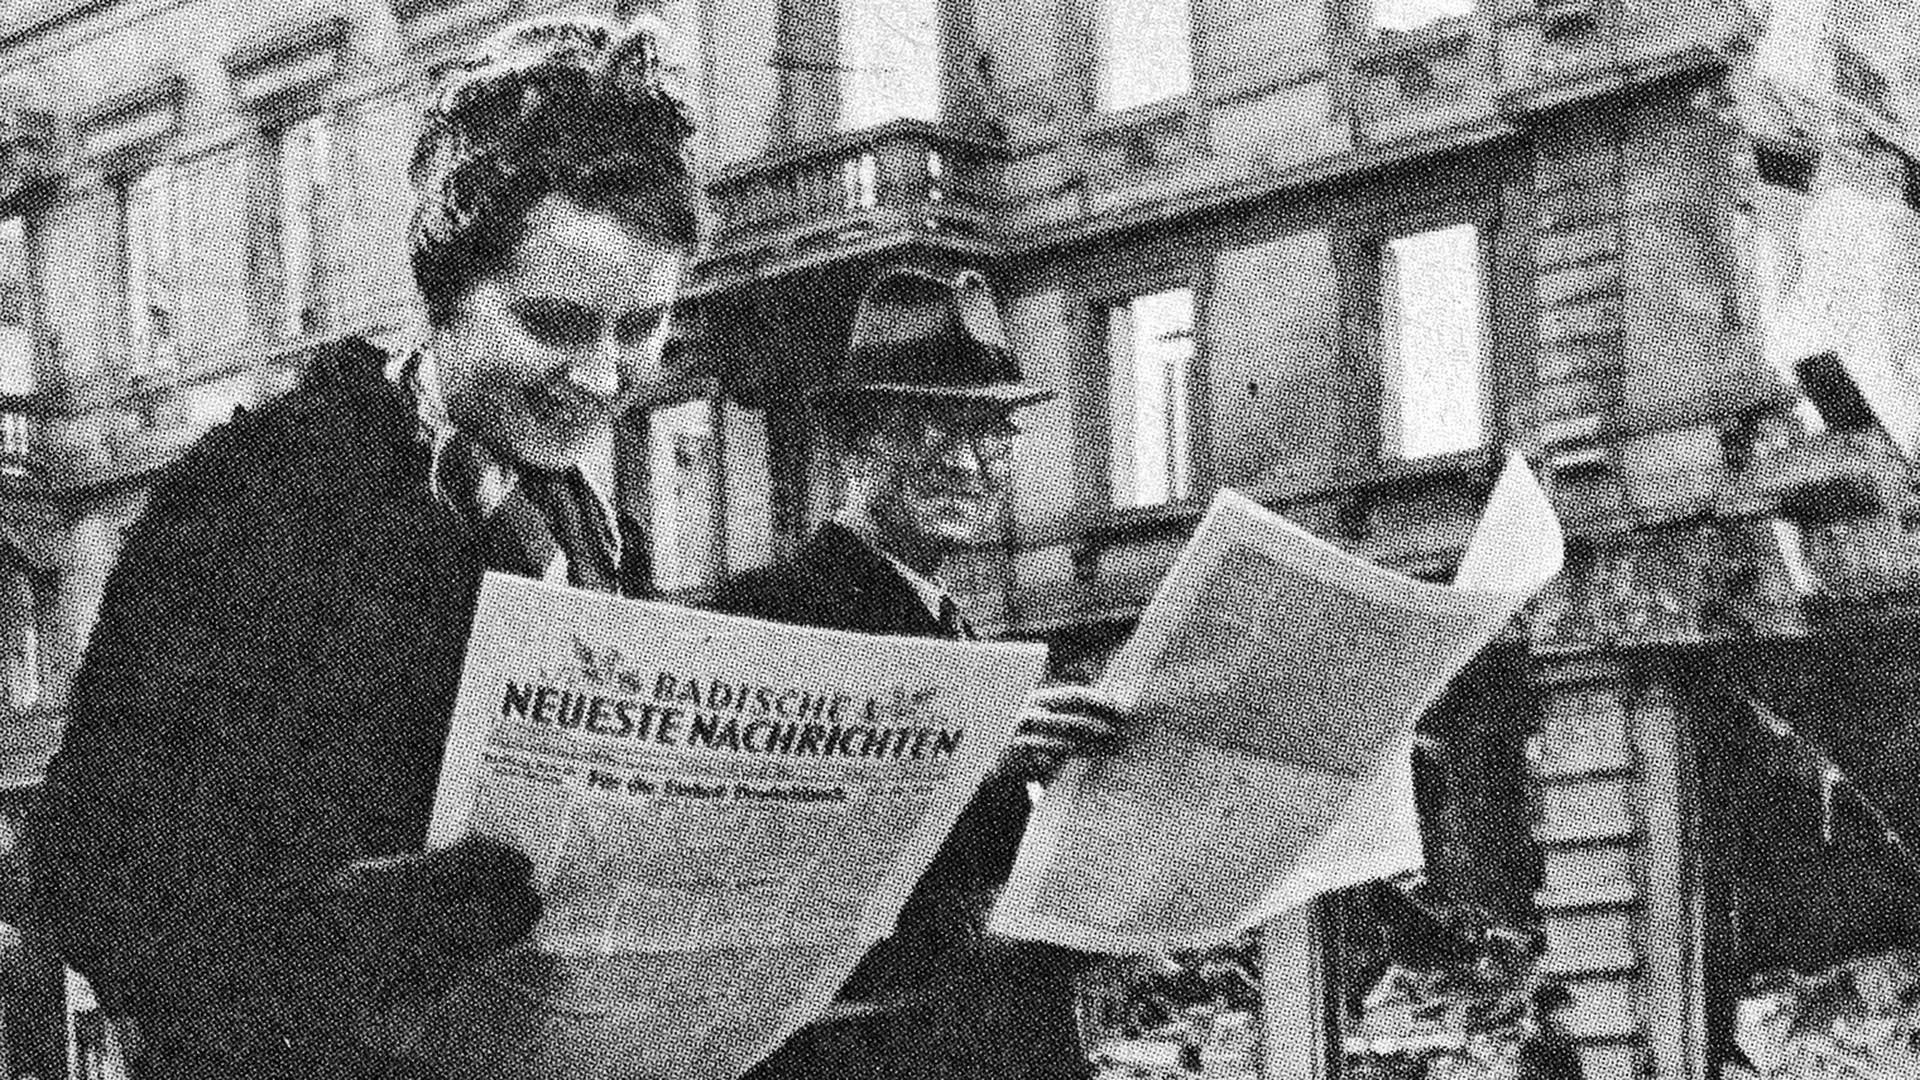 Historisches Foto: Repro aus 50 Jahre BNN erstmals erschienen am 5.3.1946